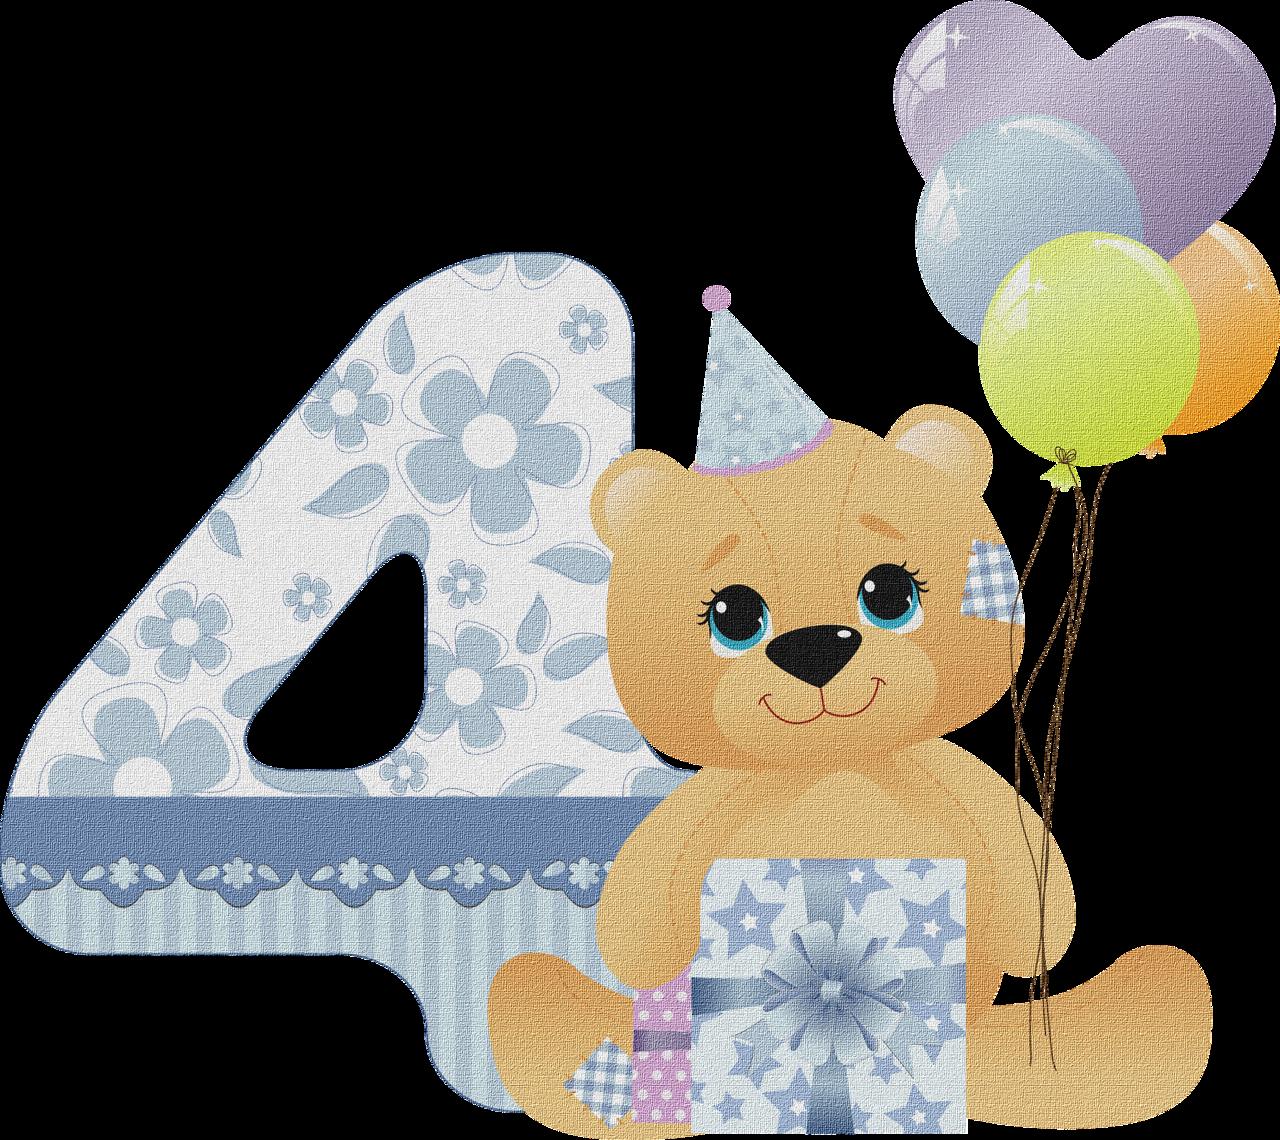 Открытки детские 4 месяца, анимация днем рождения